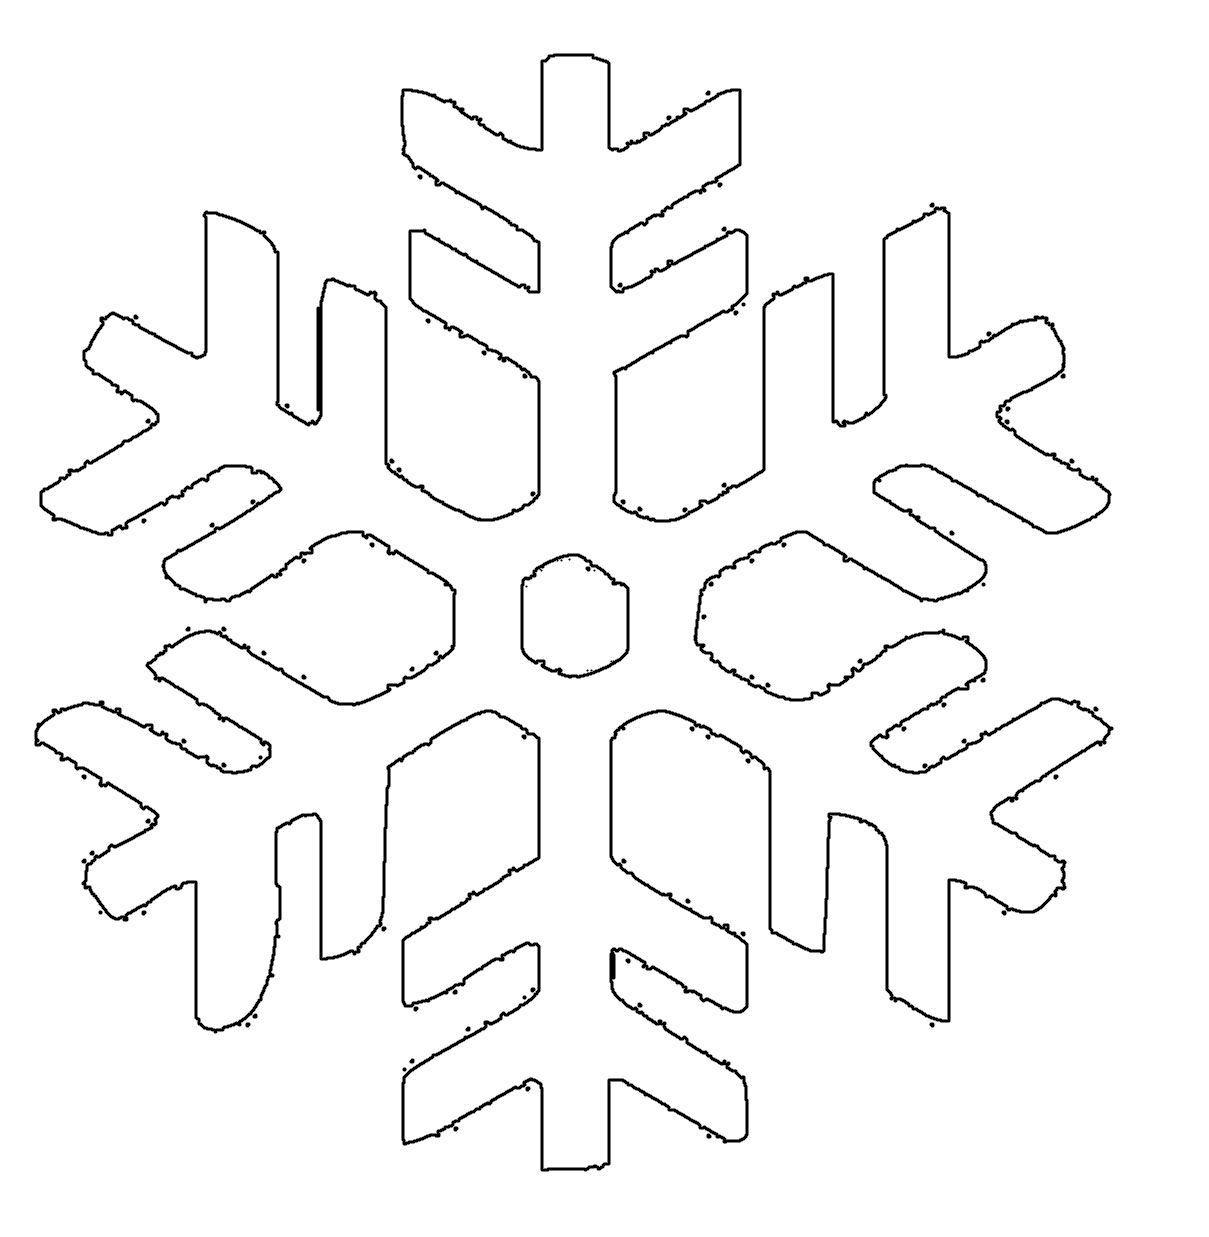 Ausmalbilder Winter Kostenlos Ausdrucken : Ausmalbild Schneeflocken Und Sterne Kostenlose Malvorlage